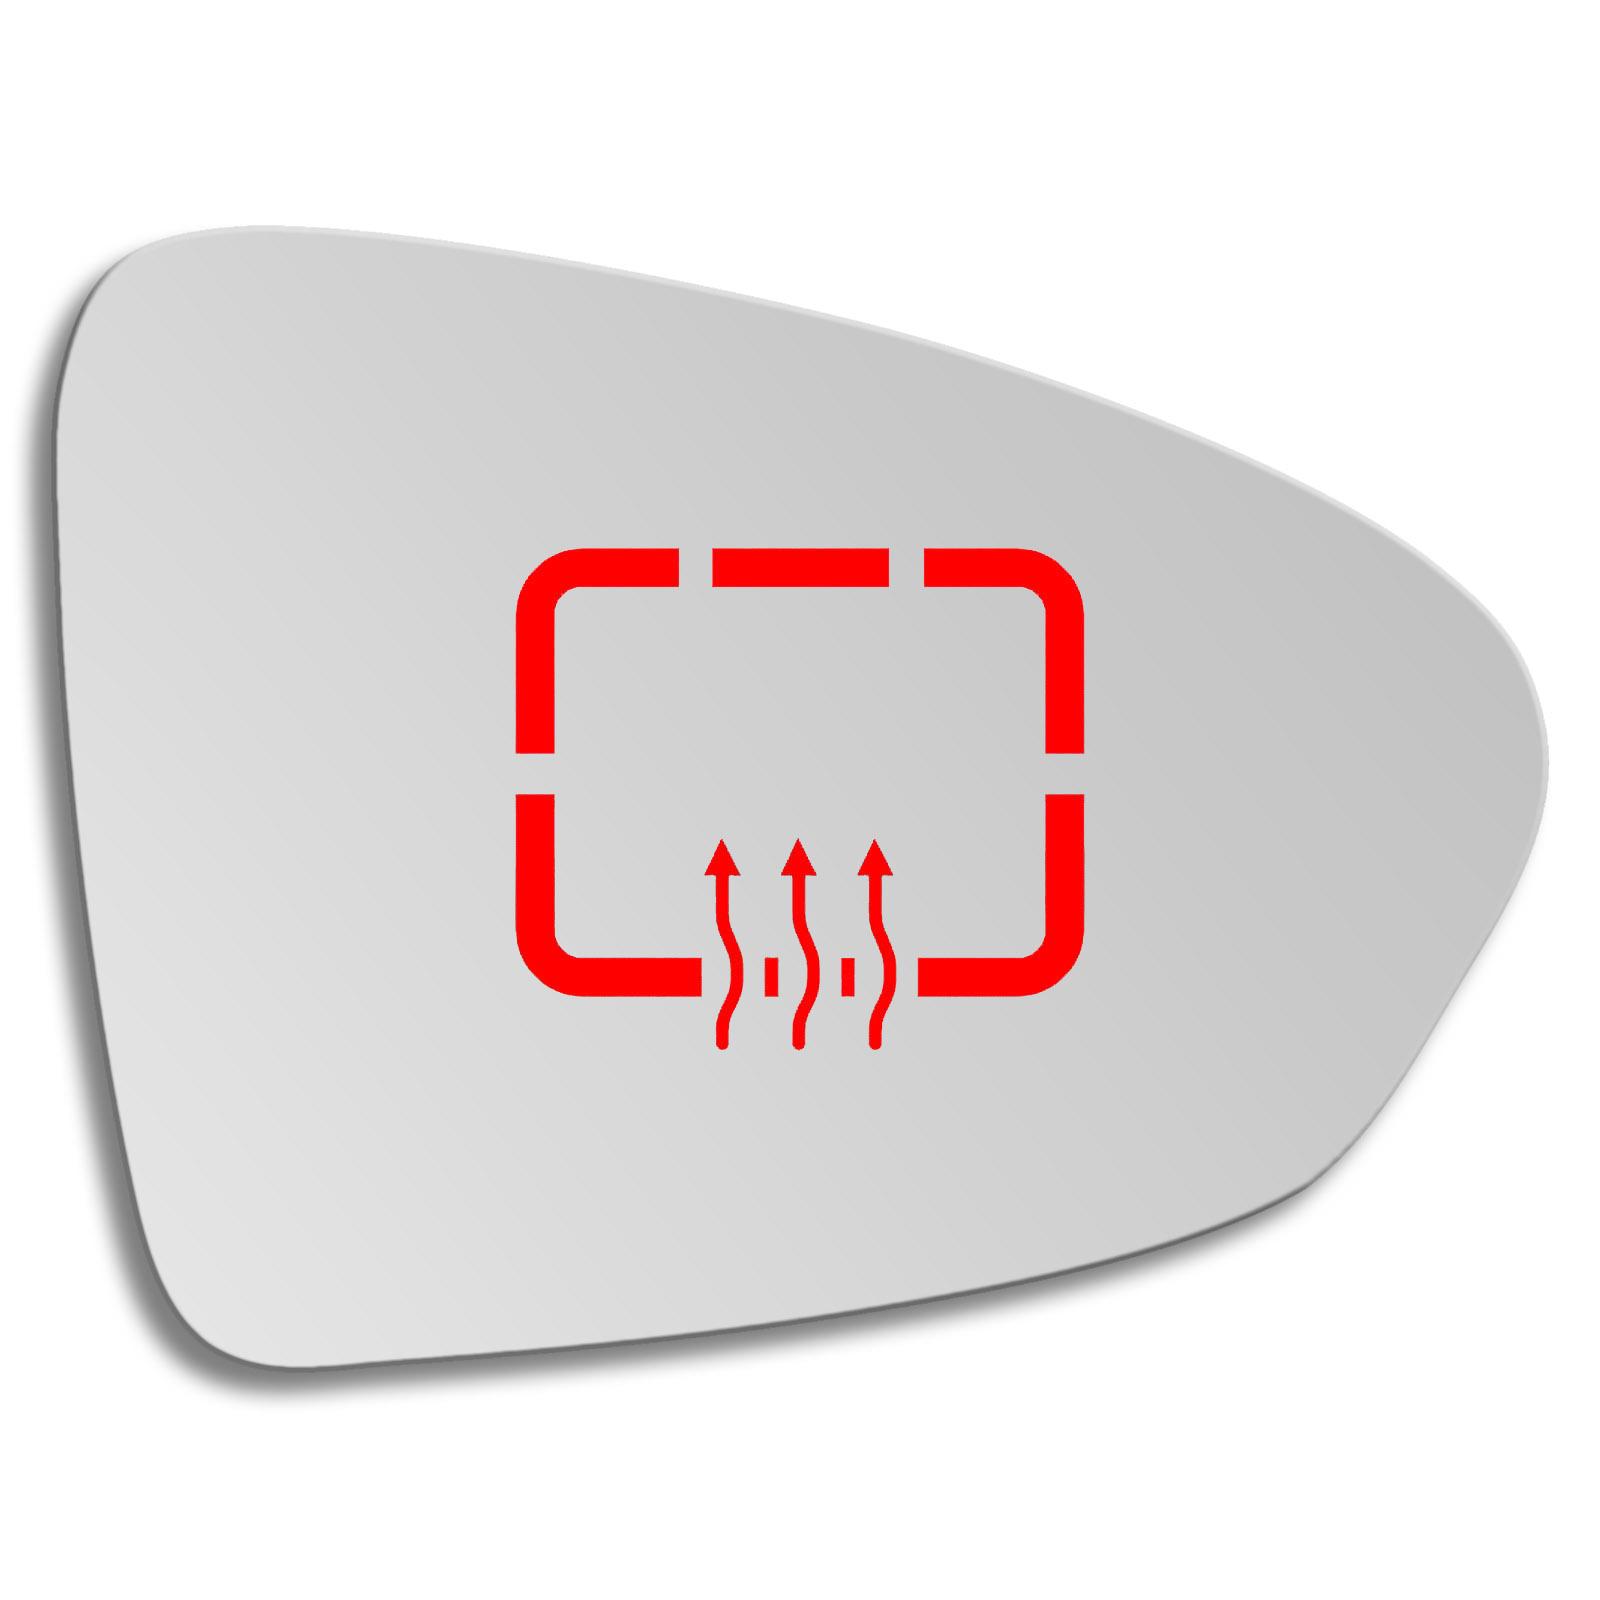 Spiegelglas für FIAT TIPO ab 2015 rechts asphärisch beheizbar elektrisch